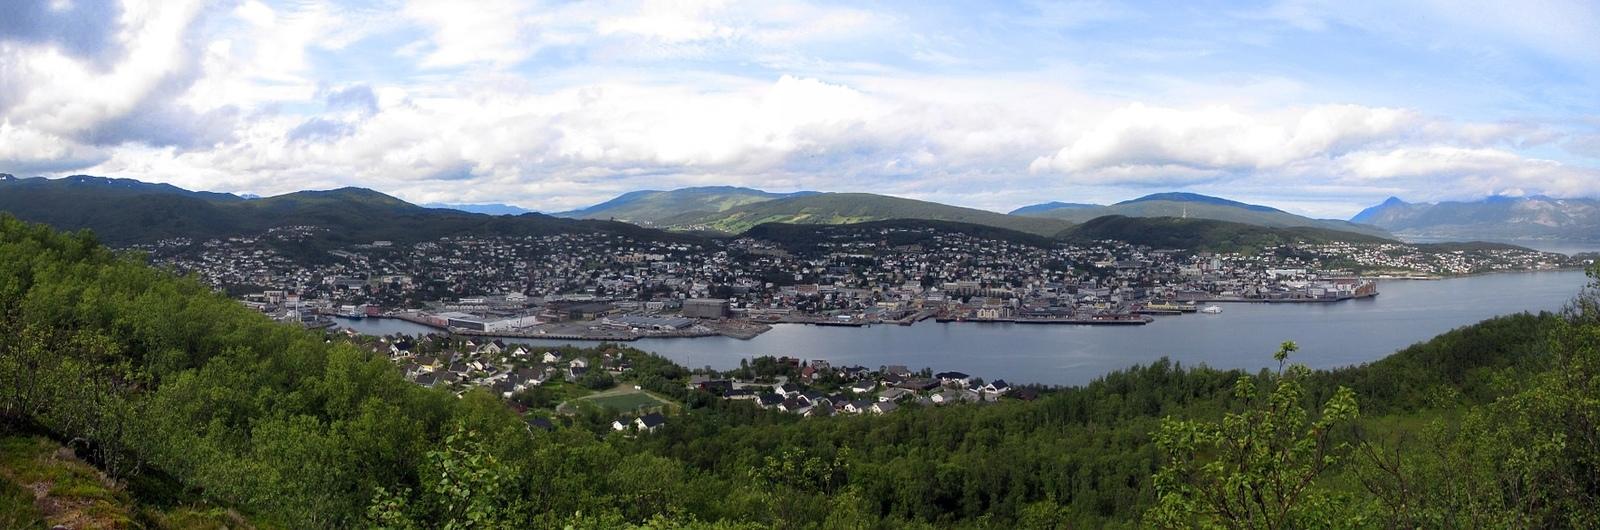 harstad city header